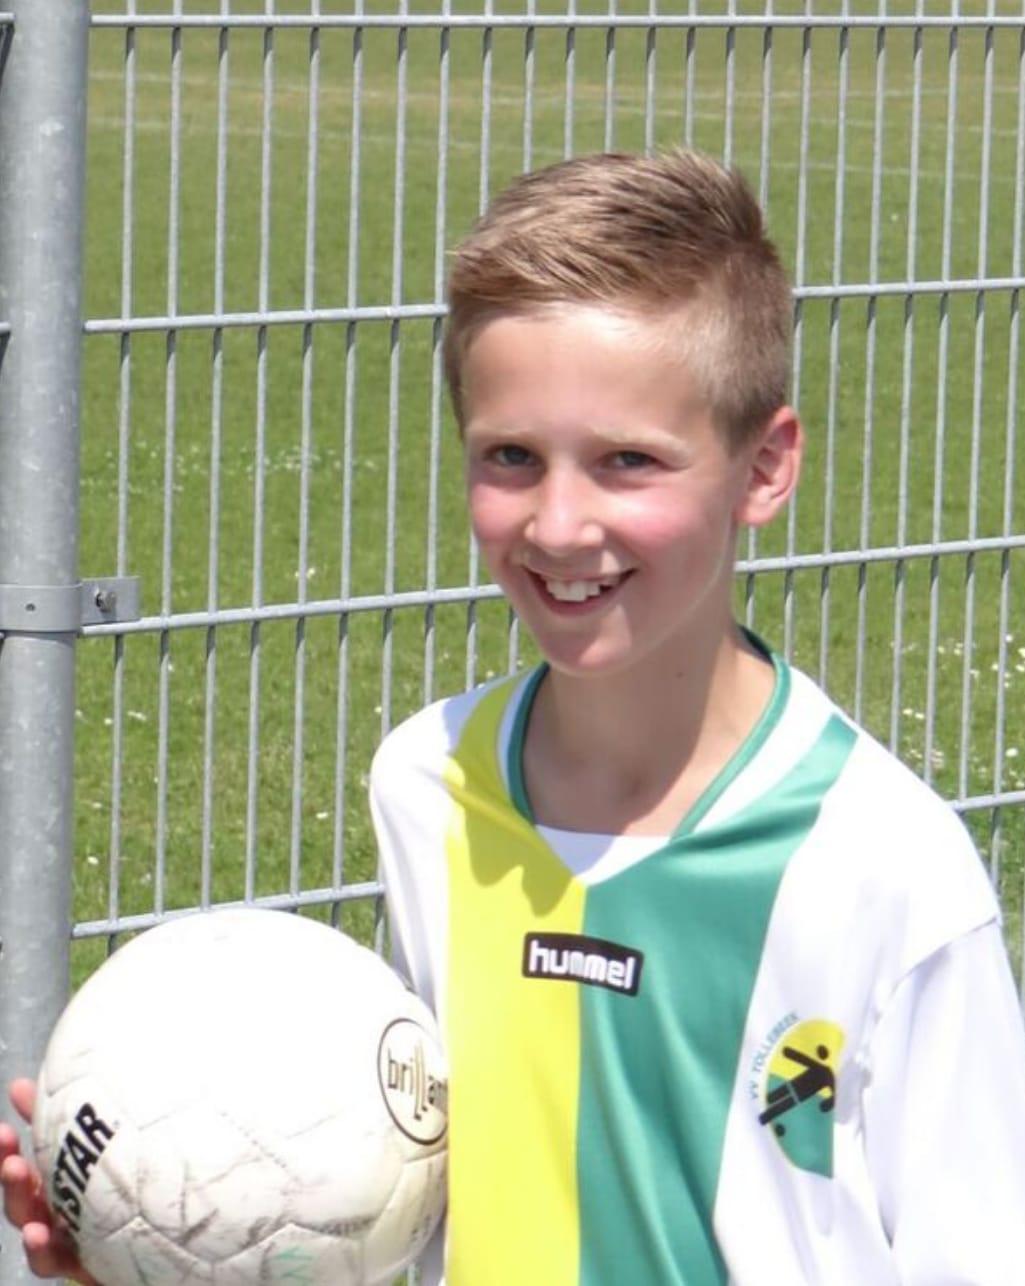 Pupil van de week Maarten Snoek